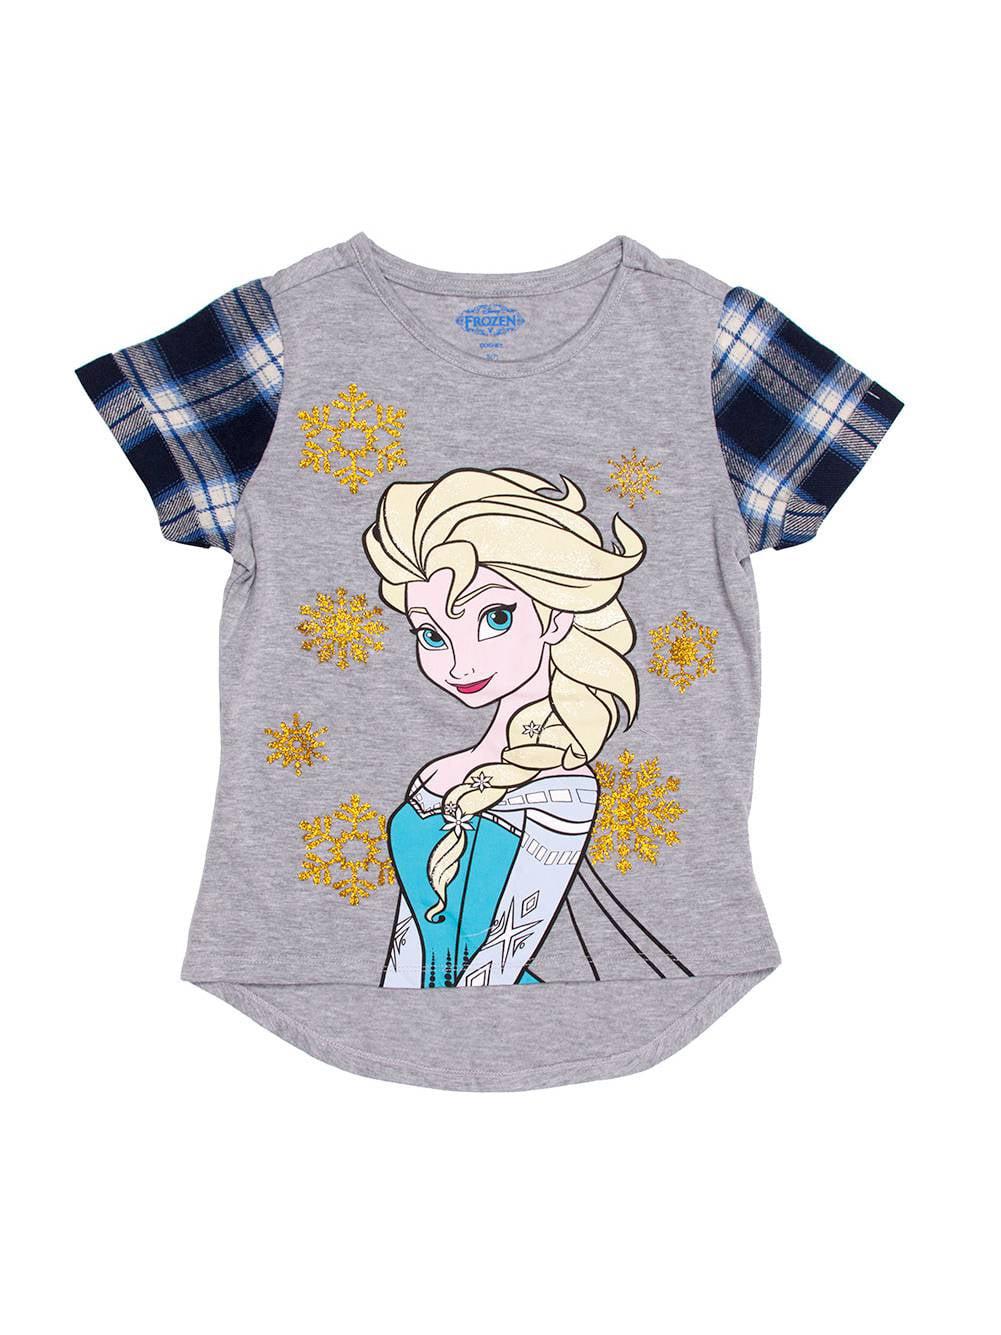 Elsa Hi Low Top w/ Flannel Sleeves